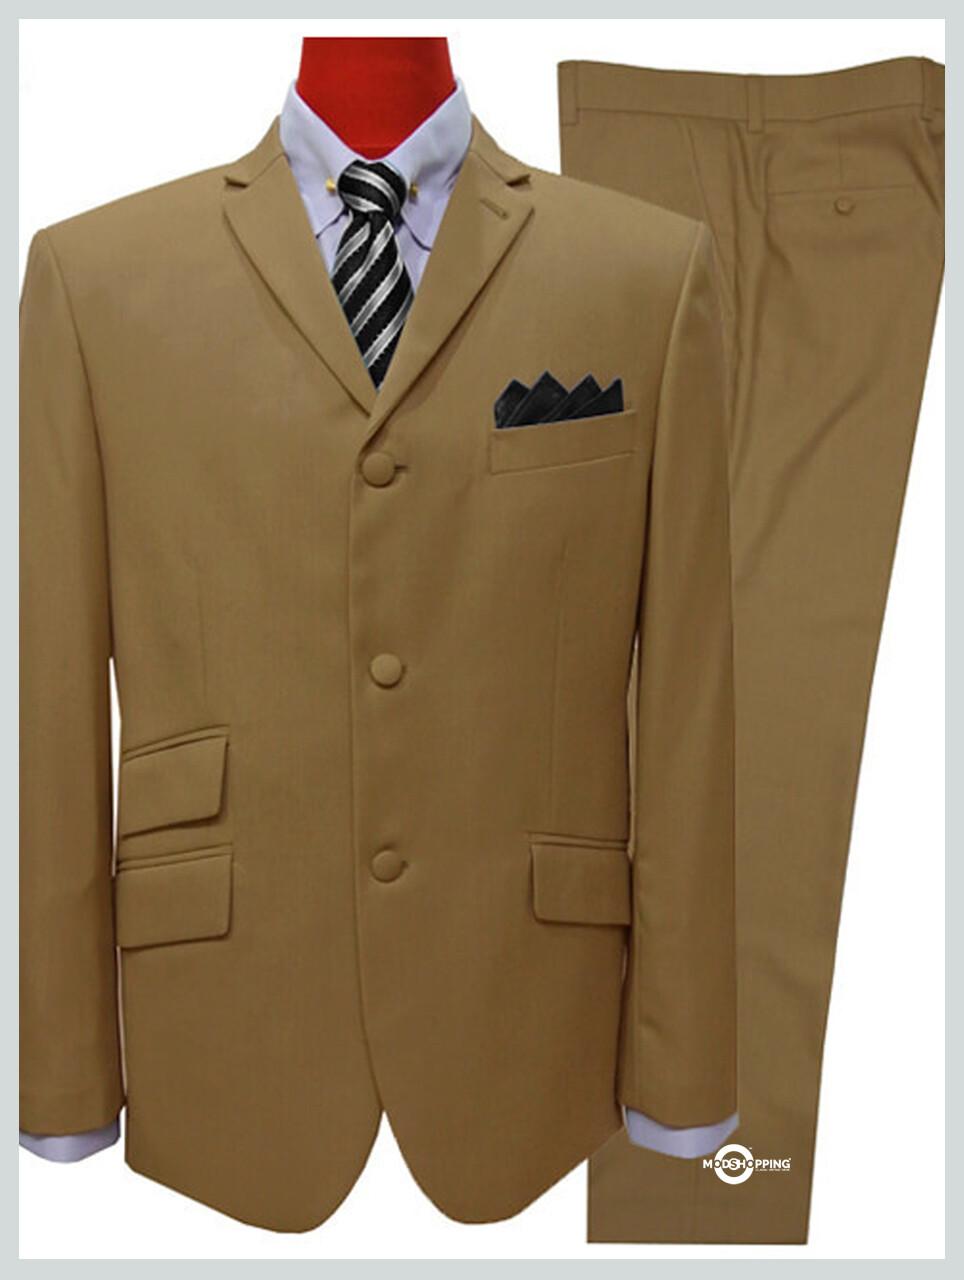 Khaki Suit|Mod Style 3 Button Khaki Suit Men